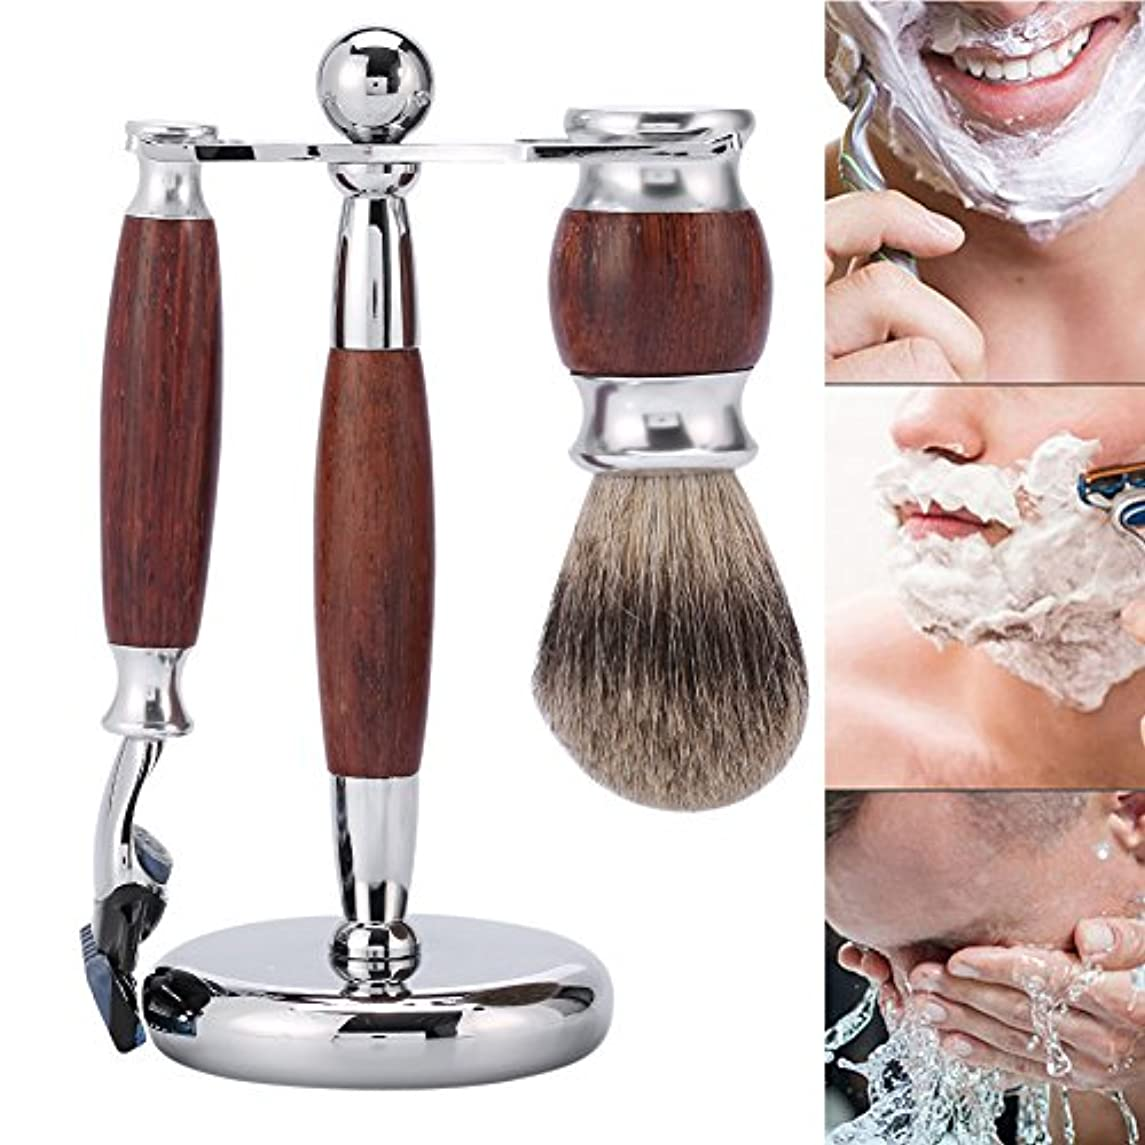 ライブ黄ばむマウントバンクプロのひげを剃る、剃刀安全5層かみそり+マホガニーシェービングブラシとシェービングスリーブホルダーを剃ることは男性のための良い贈り物です